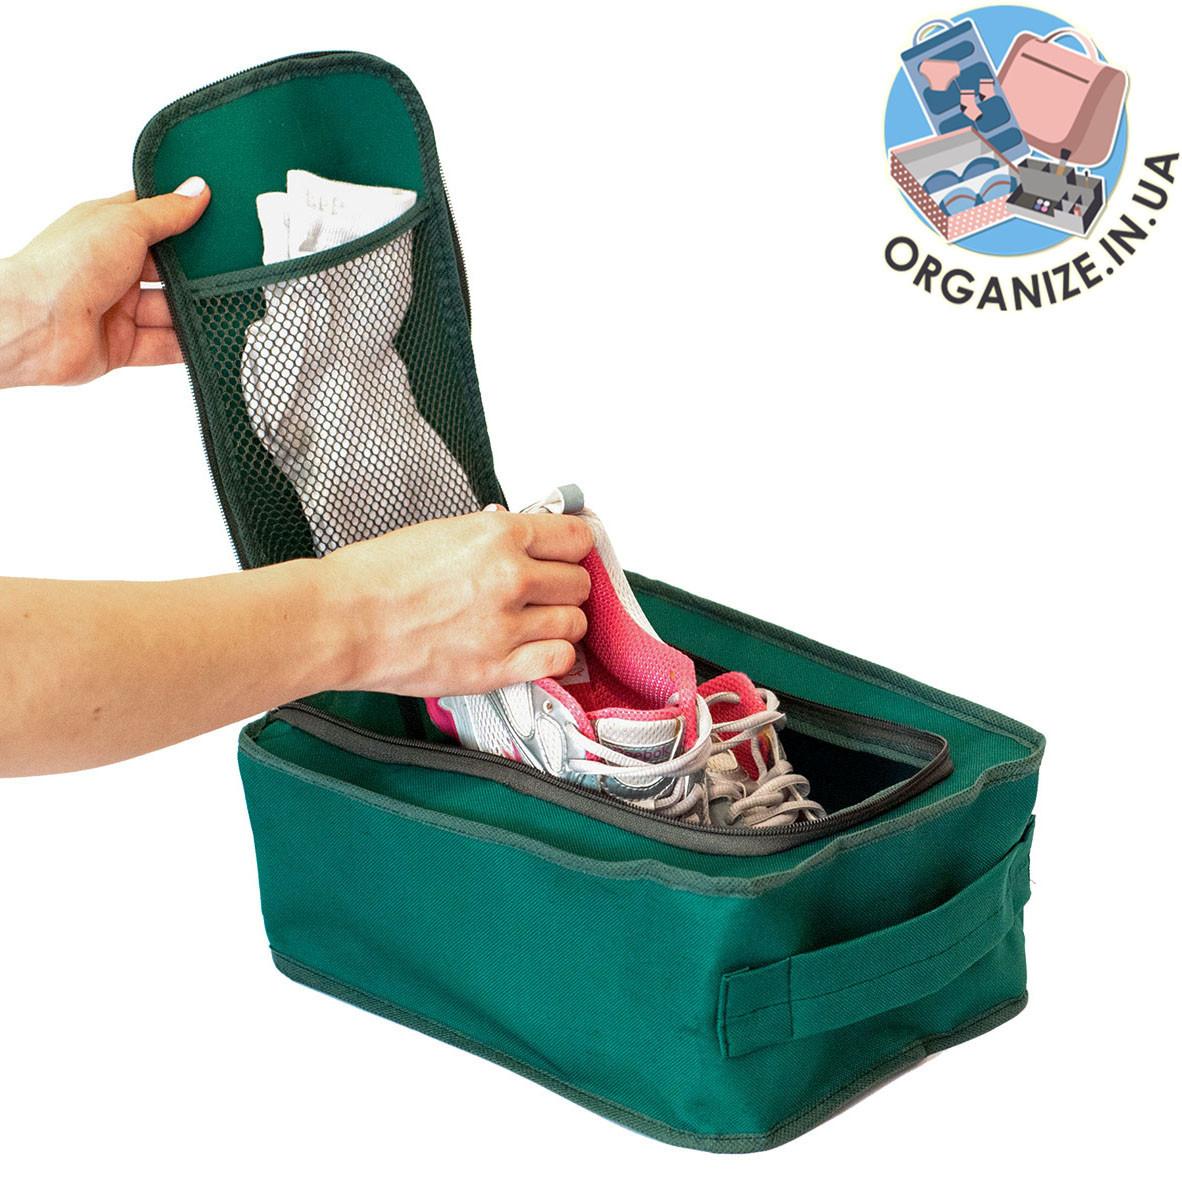 Органайзер для сменки ORGANIZE (зеленый)